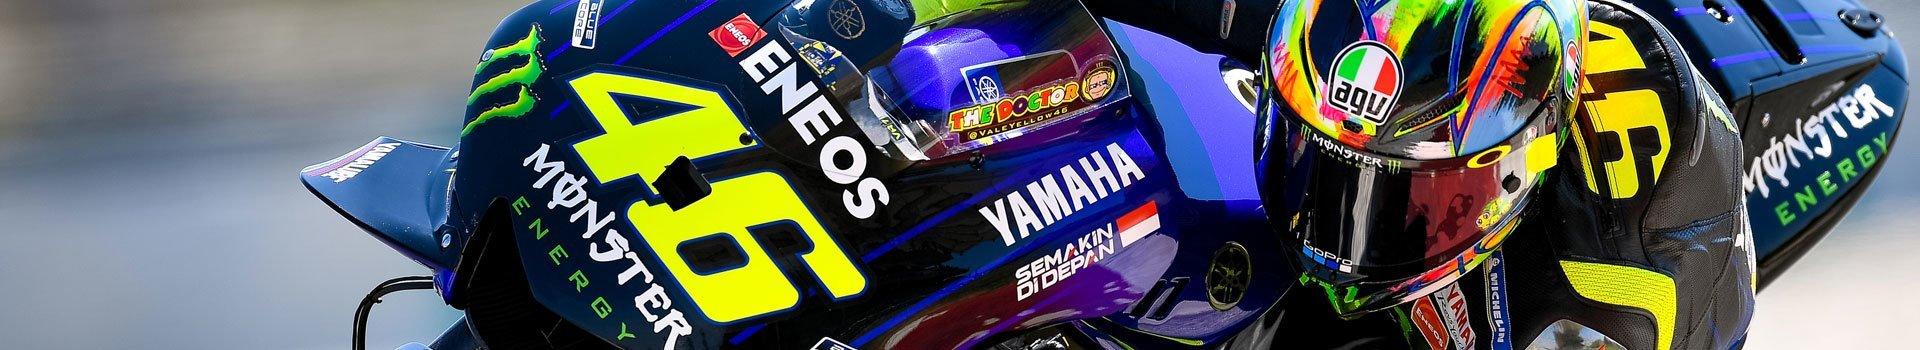 Cappellini Ufficialli Valentino Rossi